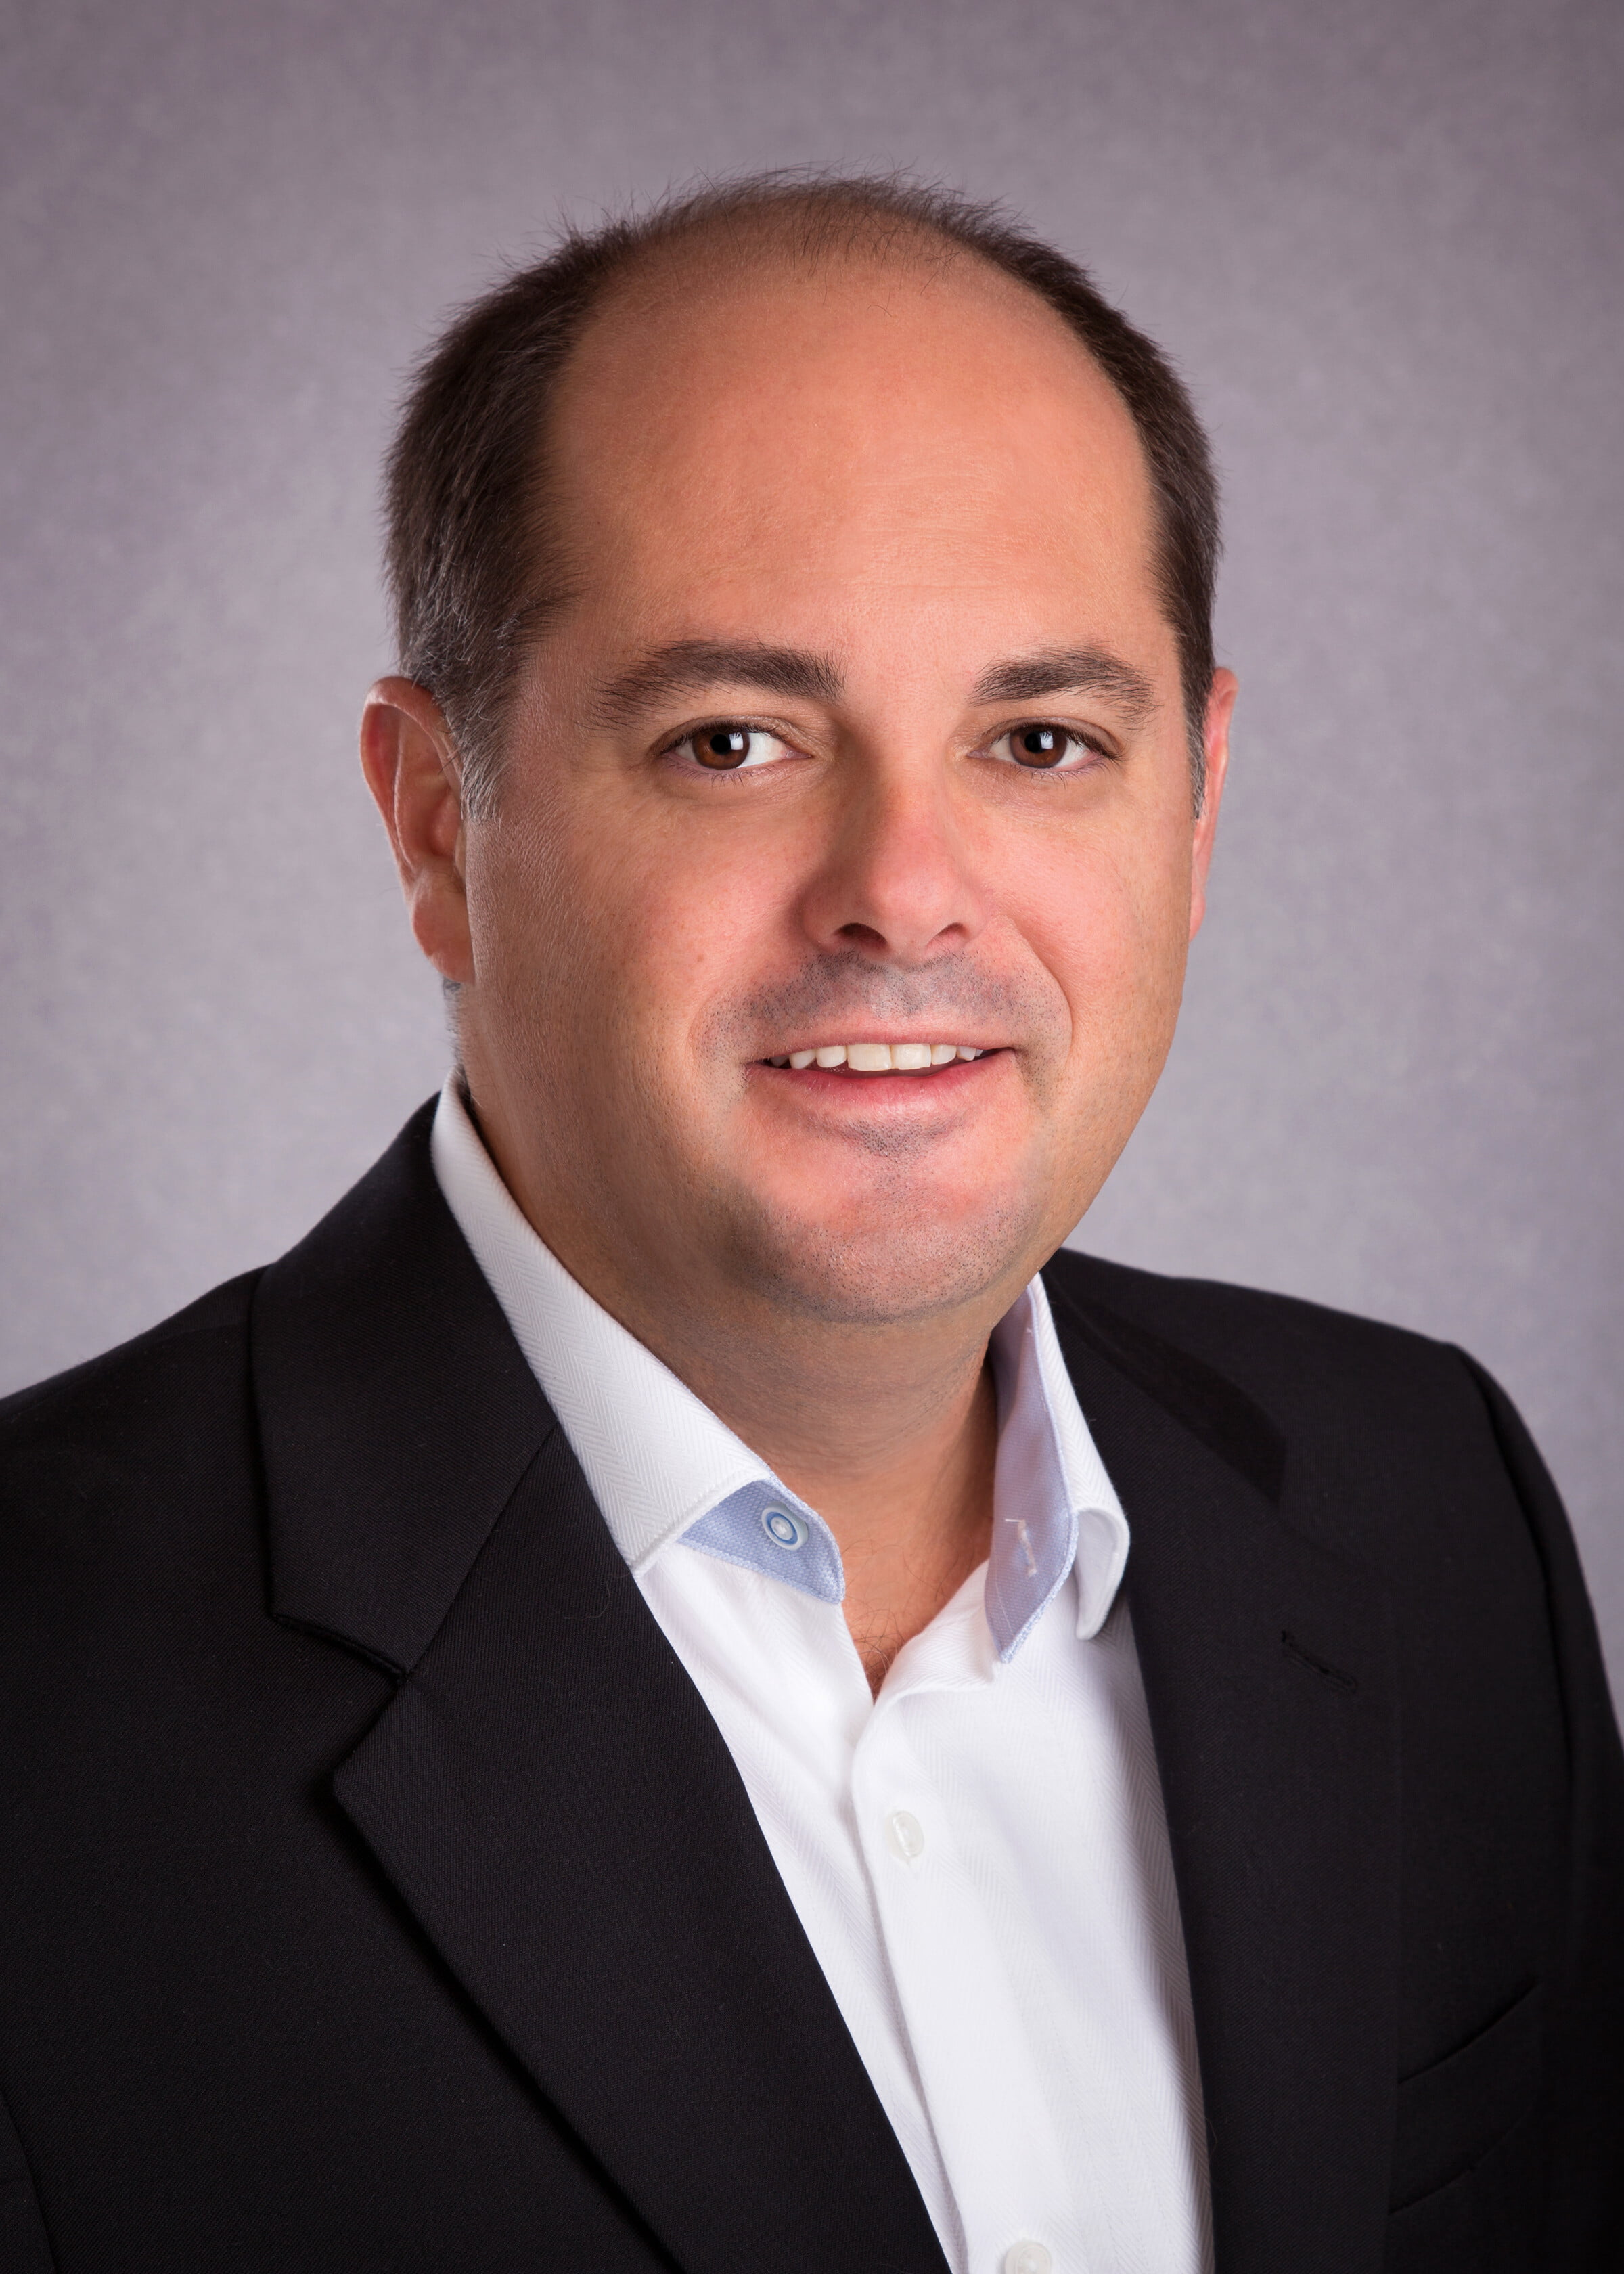 Dr. Gary Bolen